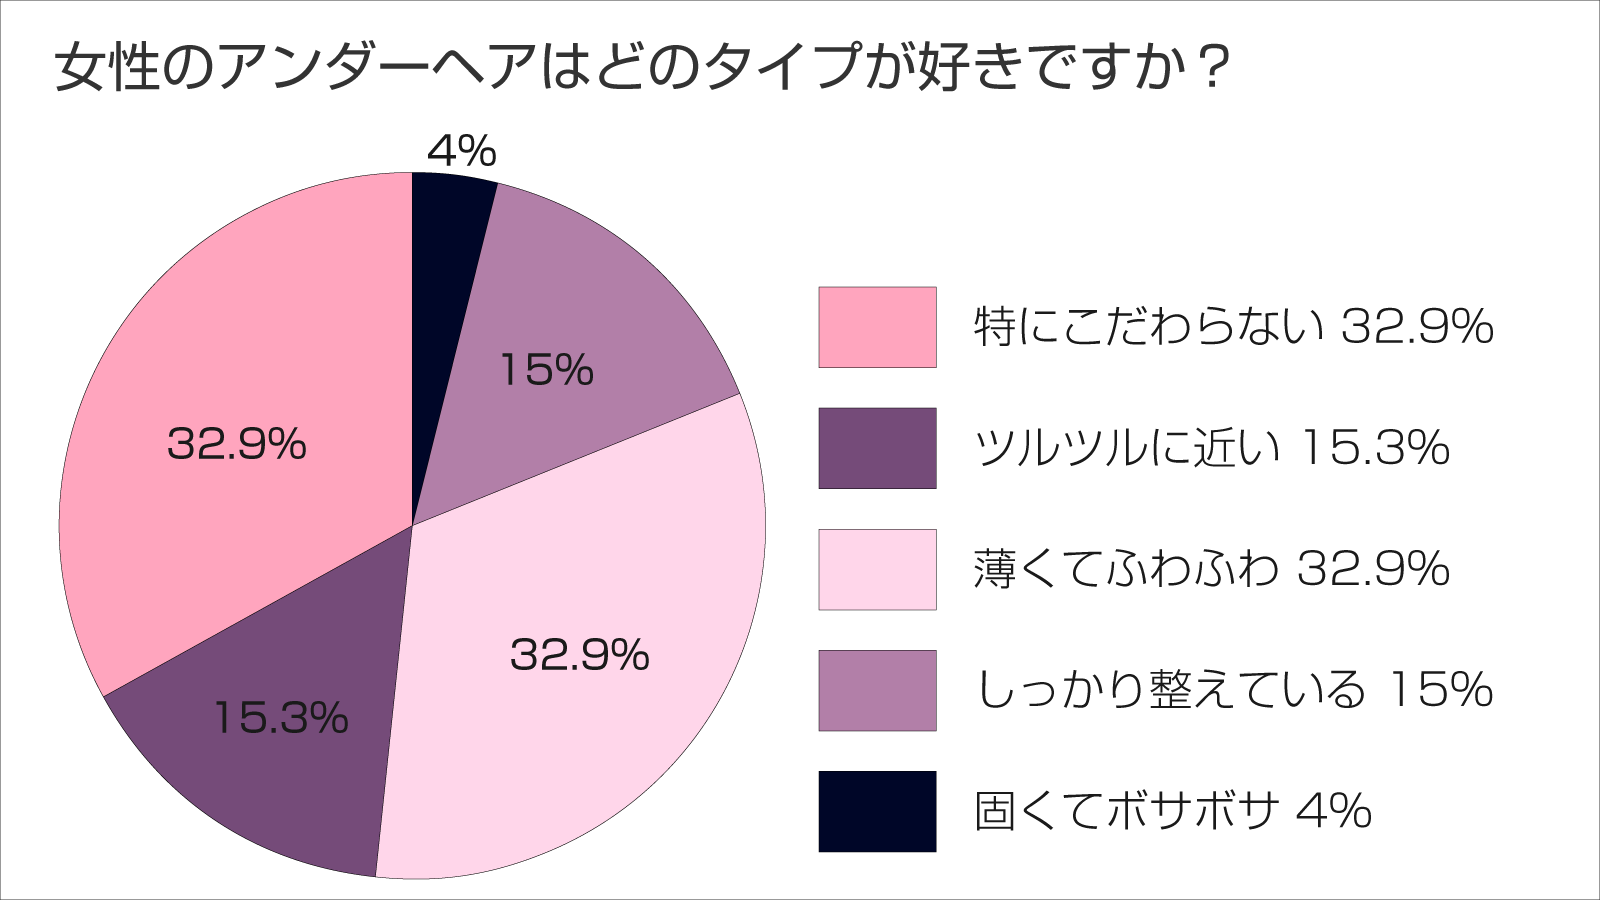 pubichair-questionnaire1 - image